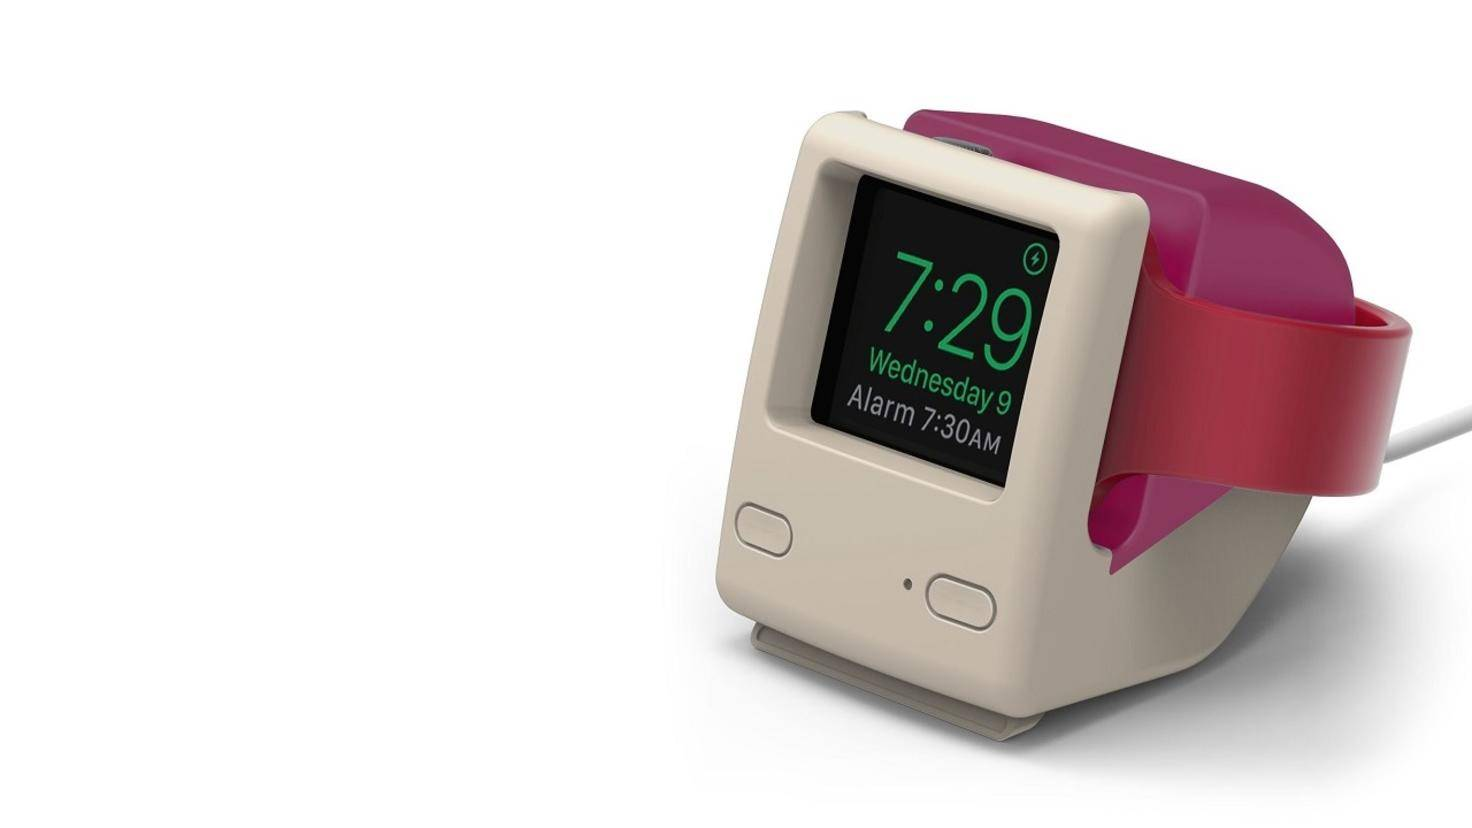 Neben dem iPod-classic-Design bietet Elago auch eine iMac-G3-Halterung an.